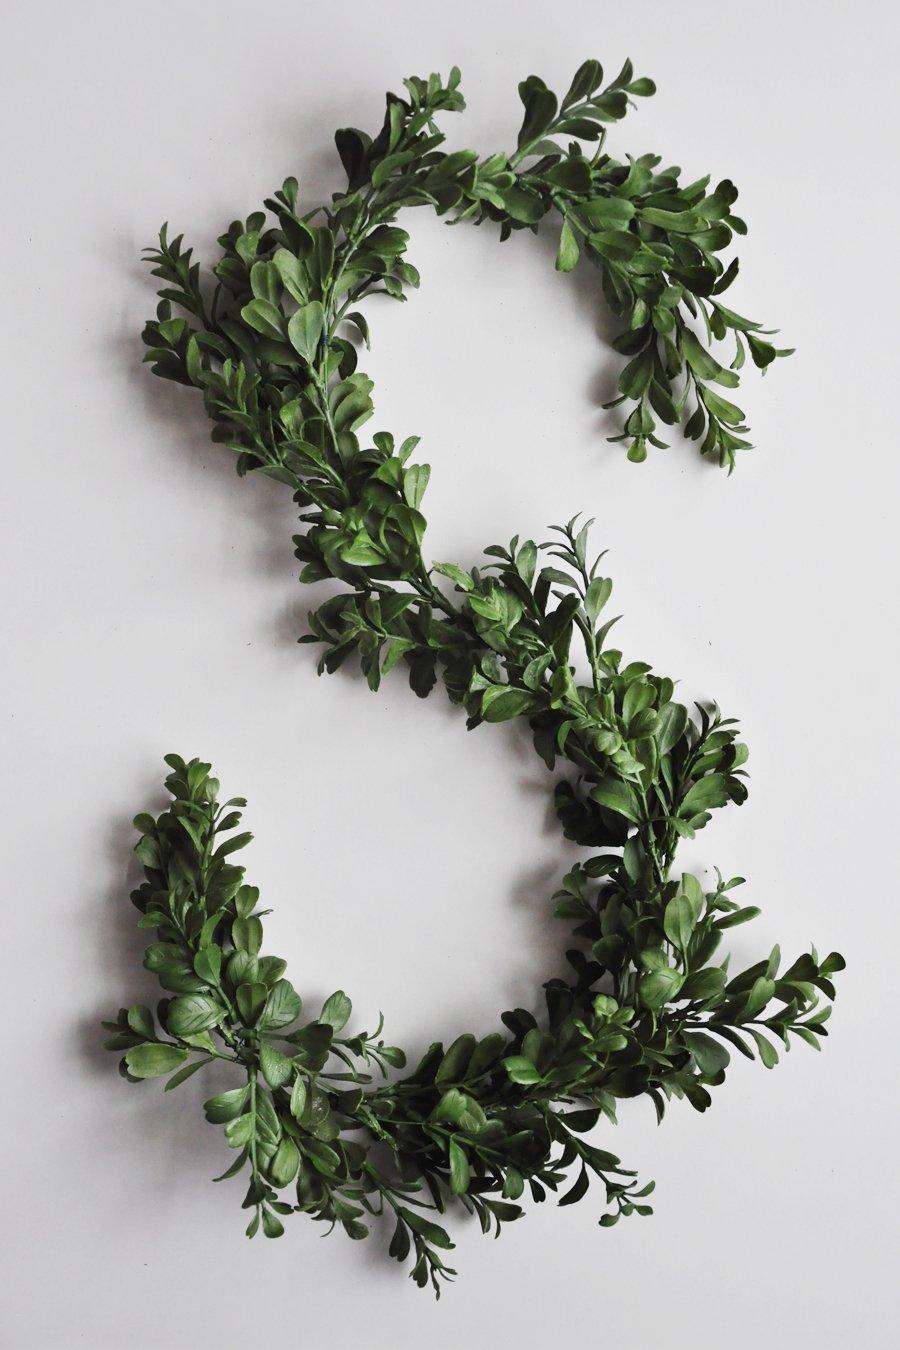 DIY: Modern, Asymmetrical Holiday Wreath on a Round Mirror